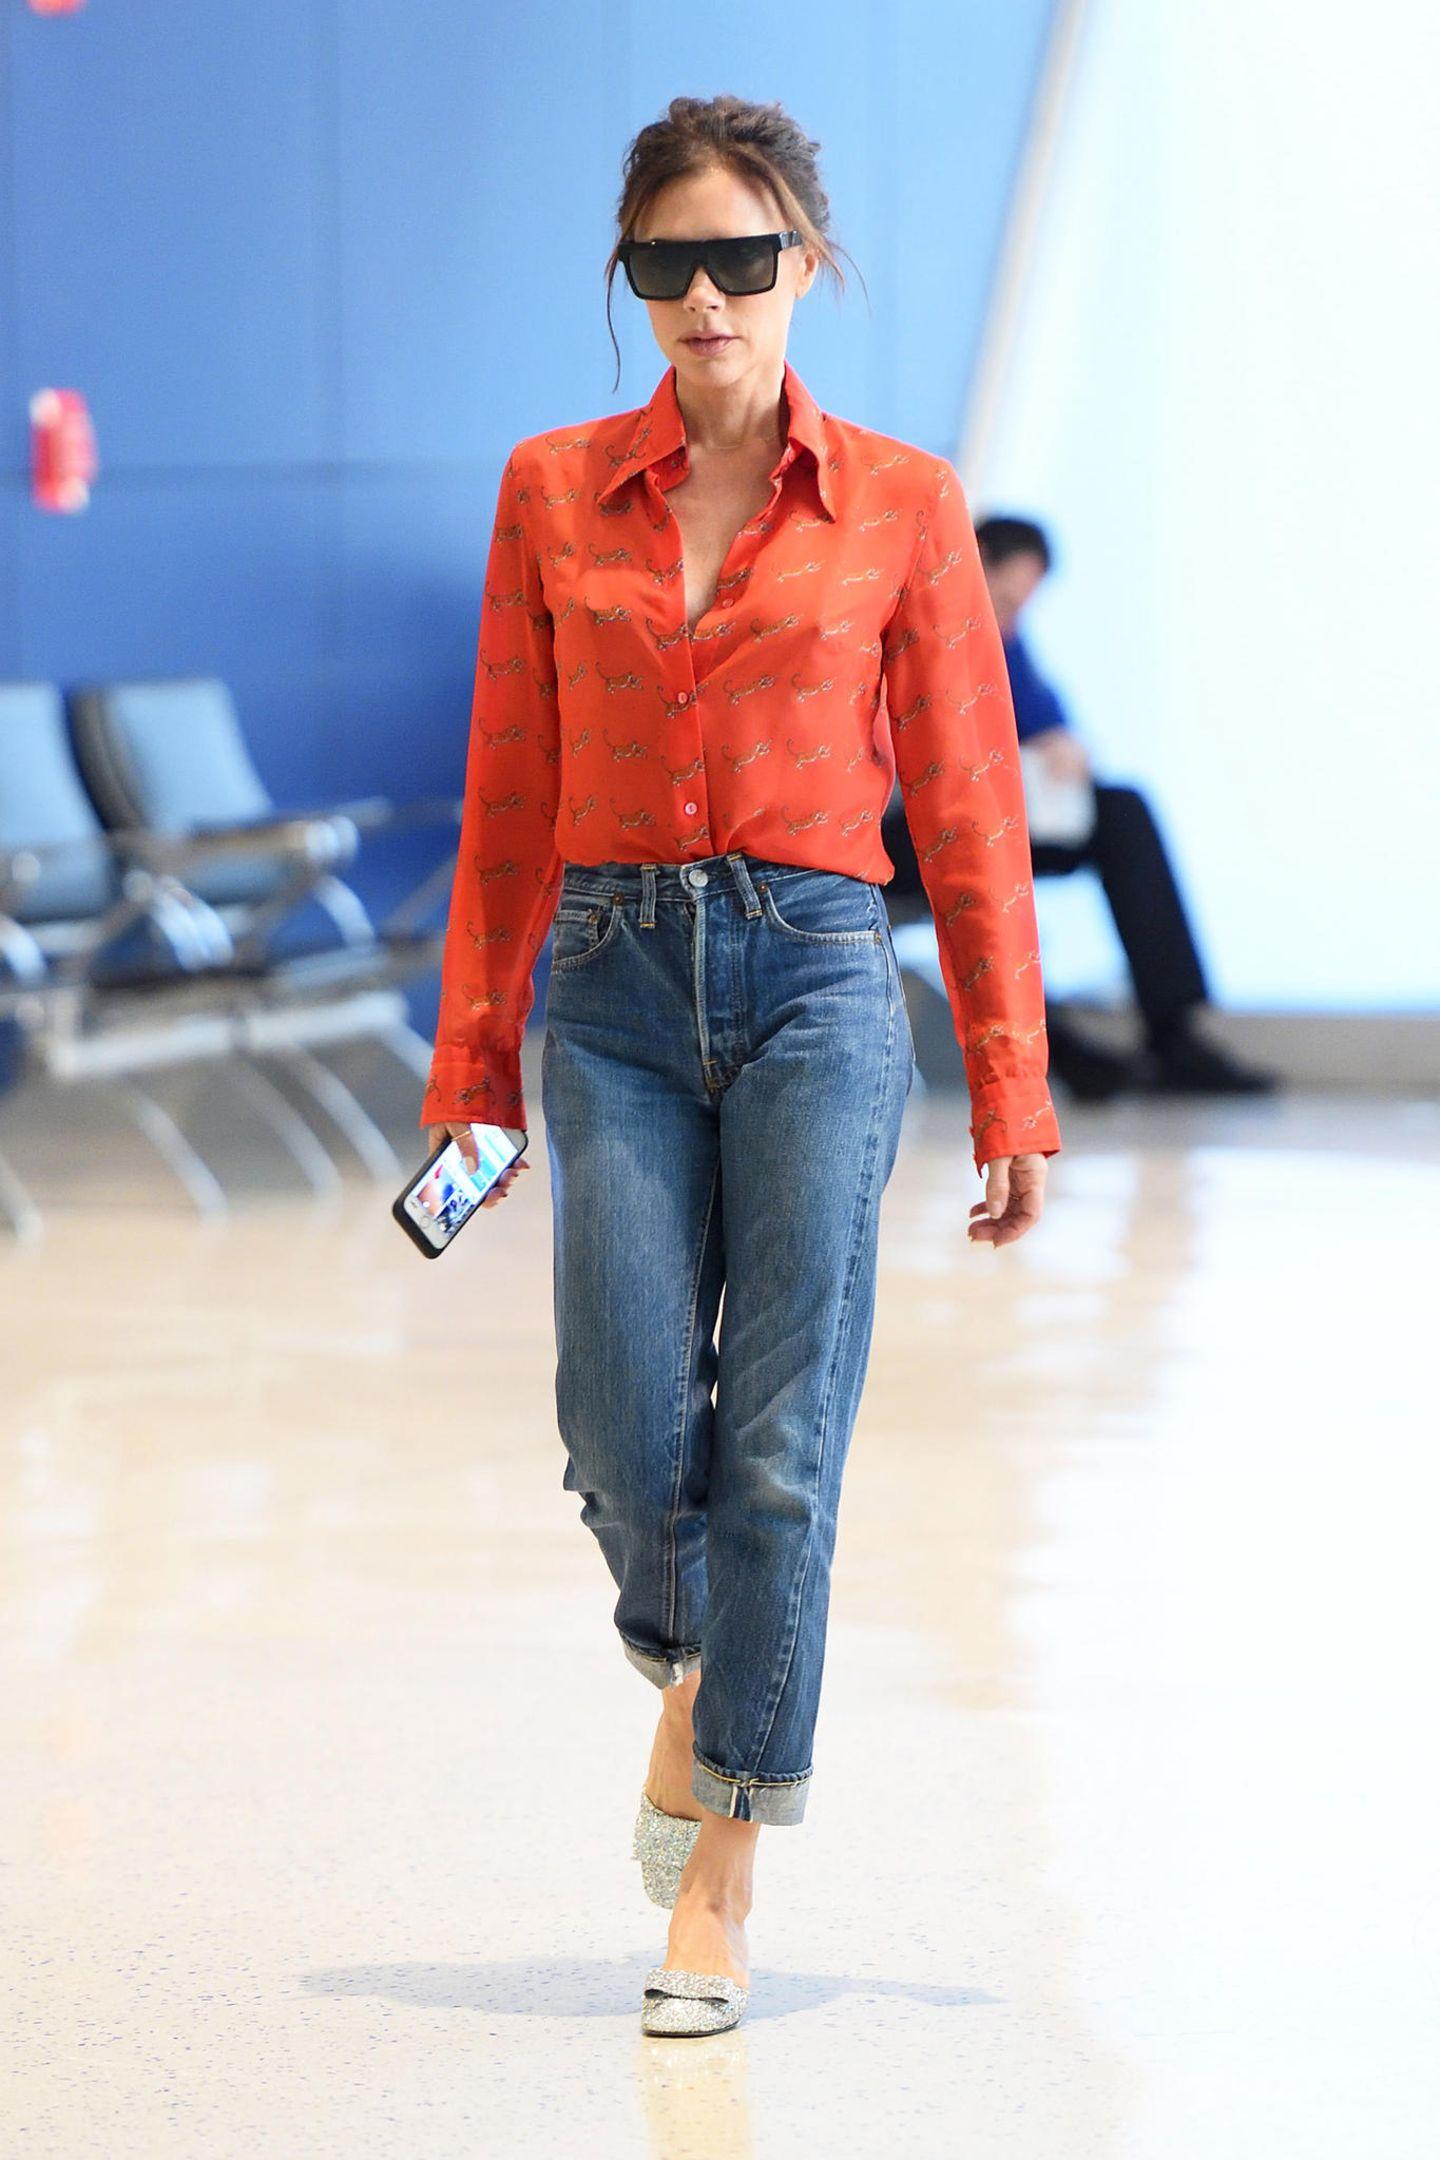 """Ungewohnt lässig flaniert Designerin Victoria Beckham in einer """"Mom-Jeans"""" über den """"JFK Airport"""" in New York. Dazu kombiniert sie eine orangefarbene Bluse, eine """"Posh""""-Sonnenbrille und glitzernde """"Harper""""-Pumps (benannt nach ihrer Tochter) aus ihrer eigenen Kollektion."""